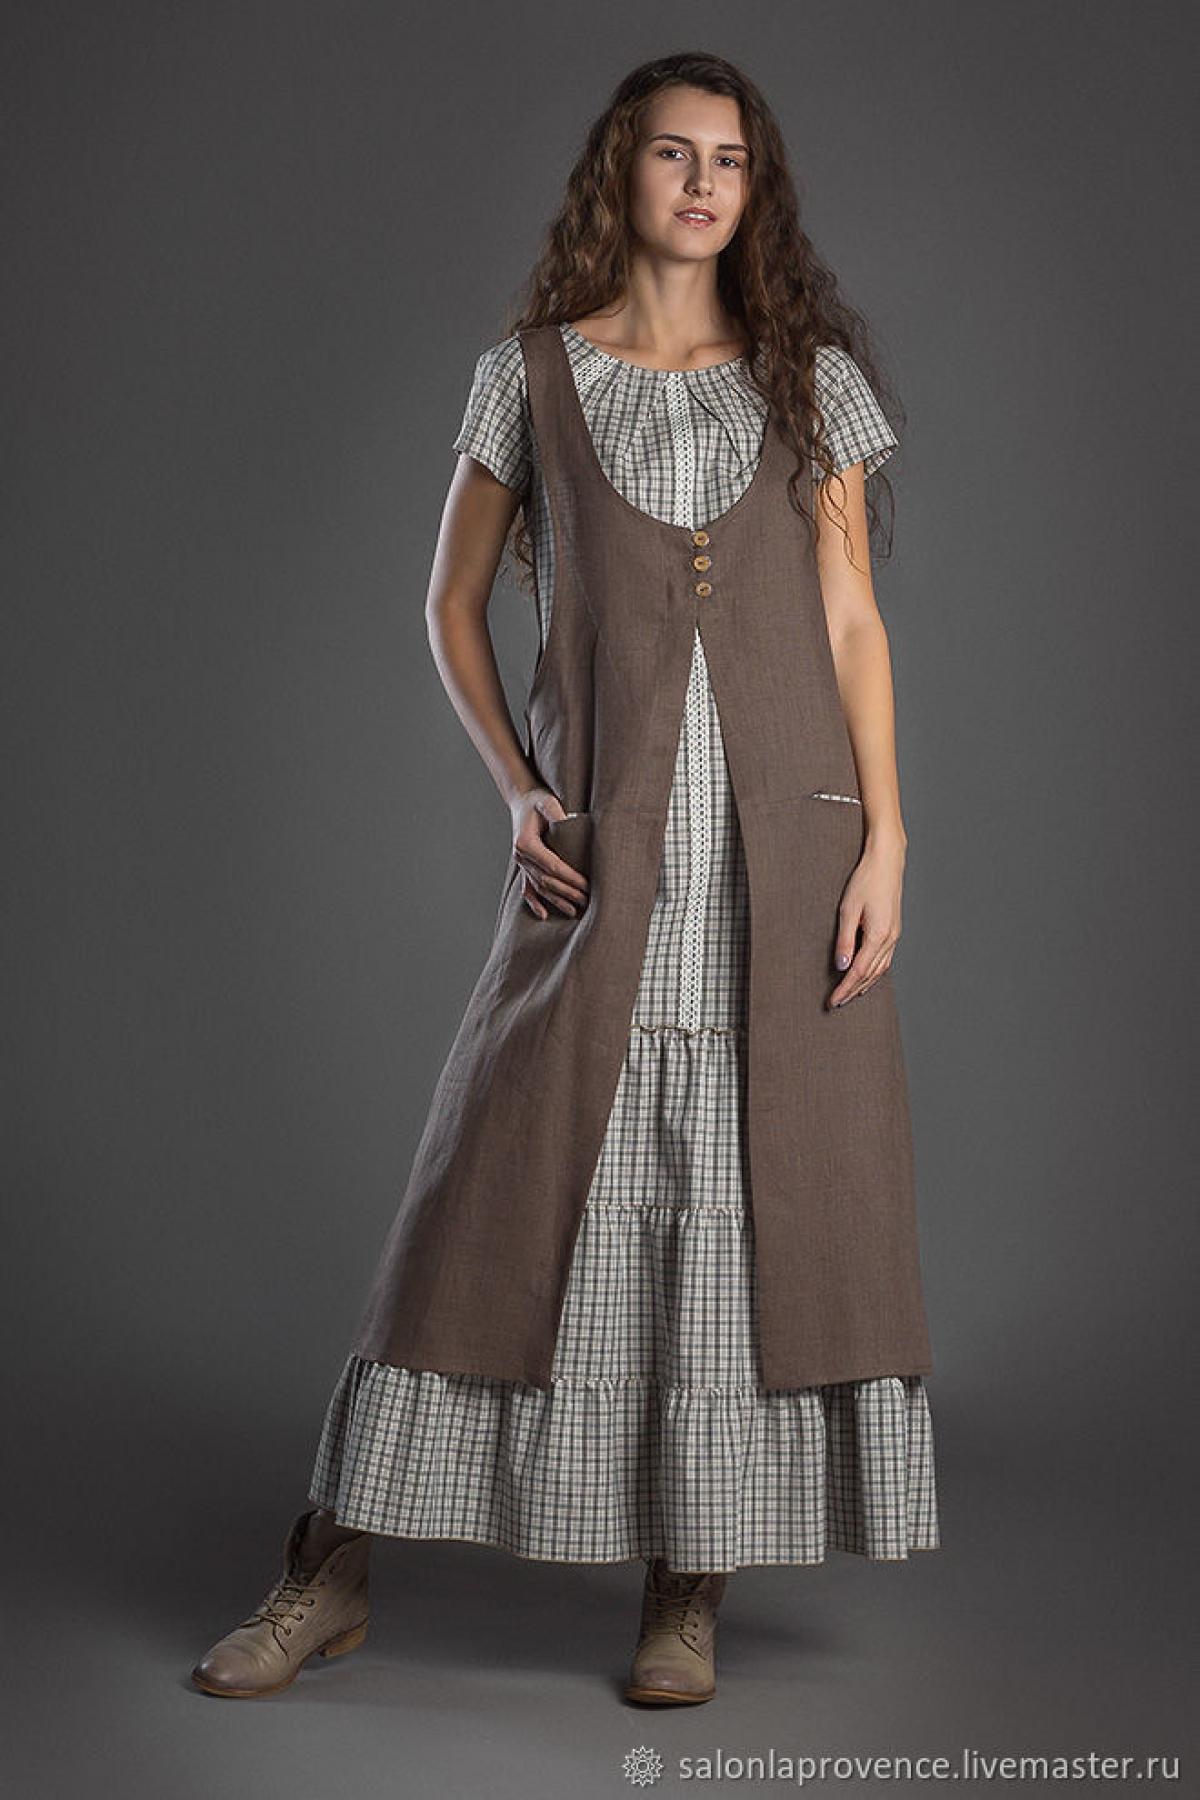 Комплект с хлопковым платьем с коротким рукавом и туникой изо льна - suzdalshop